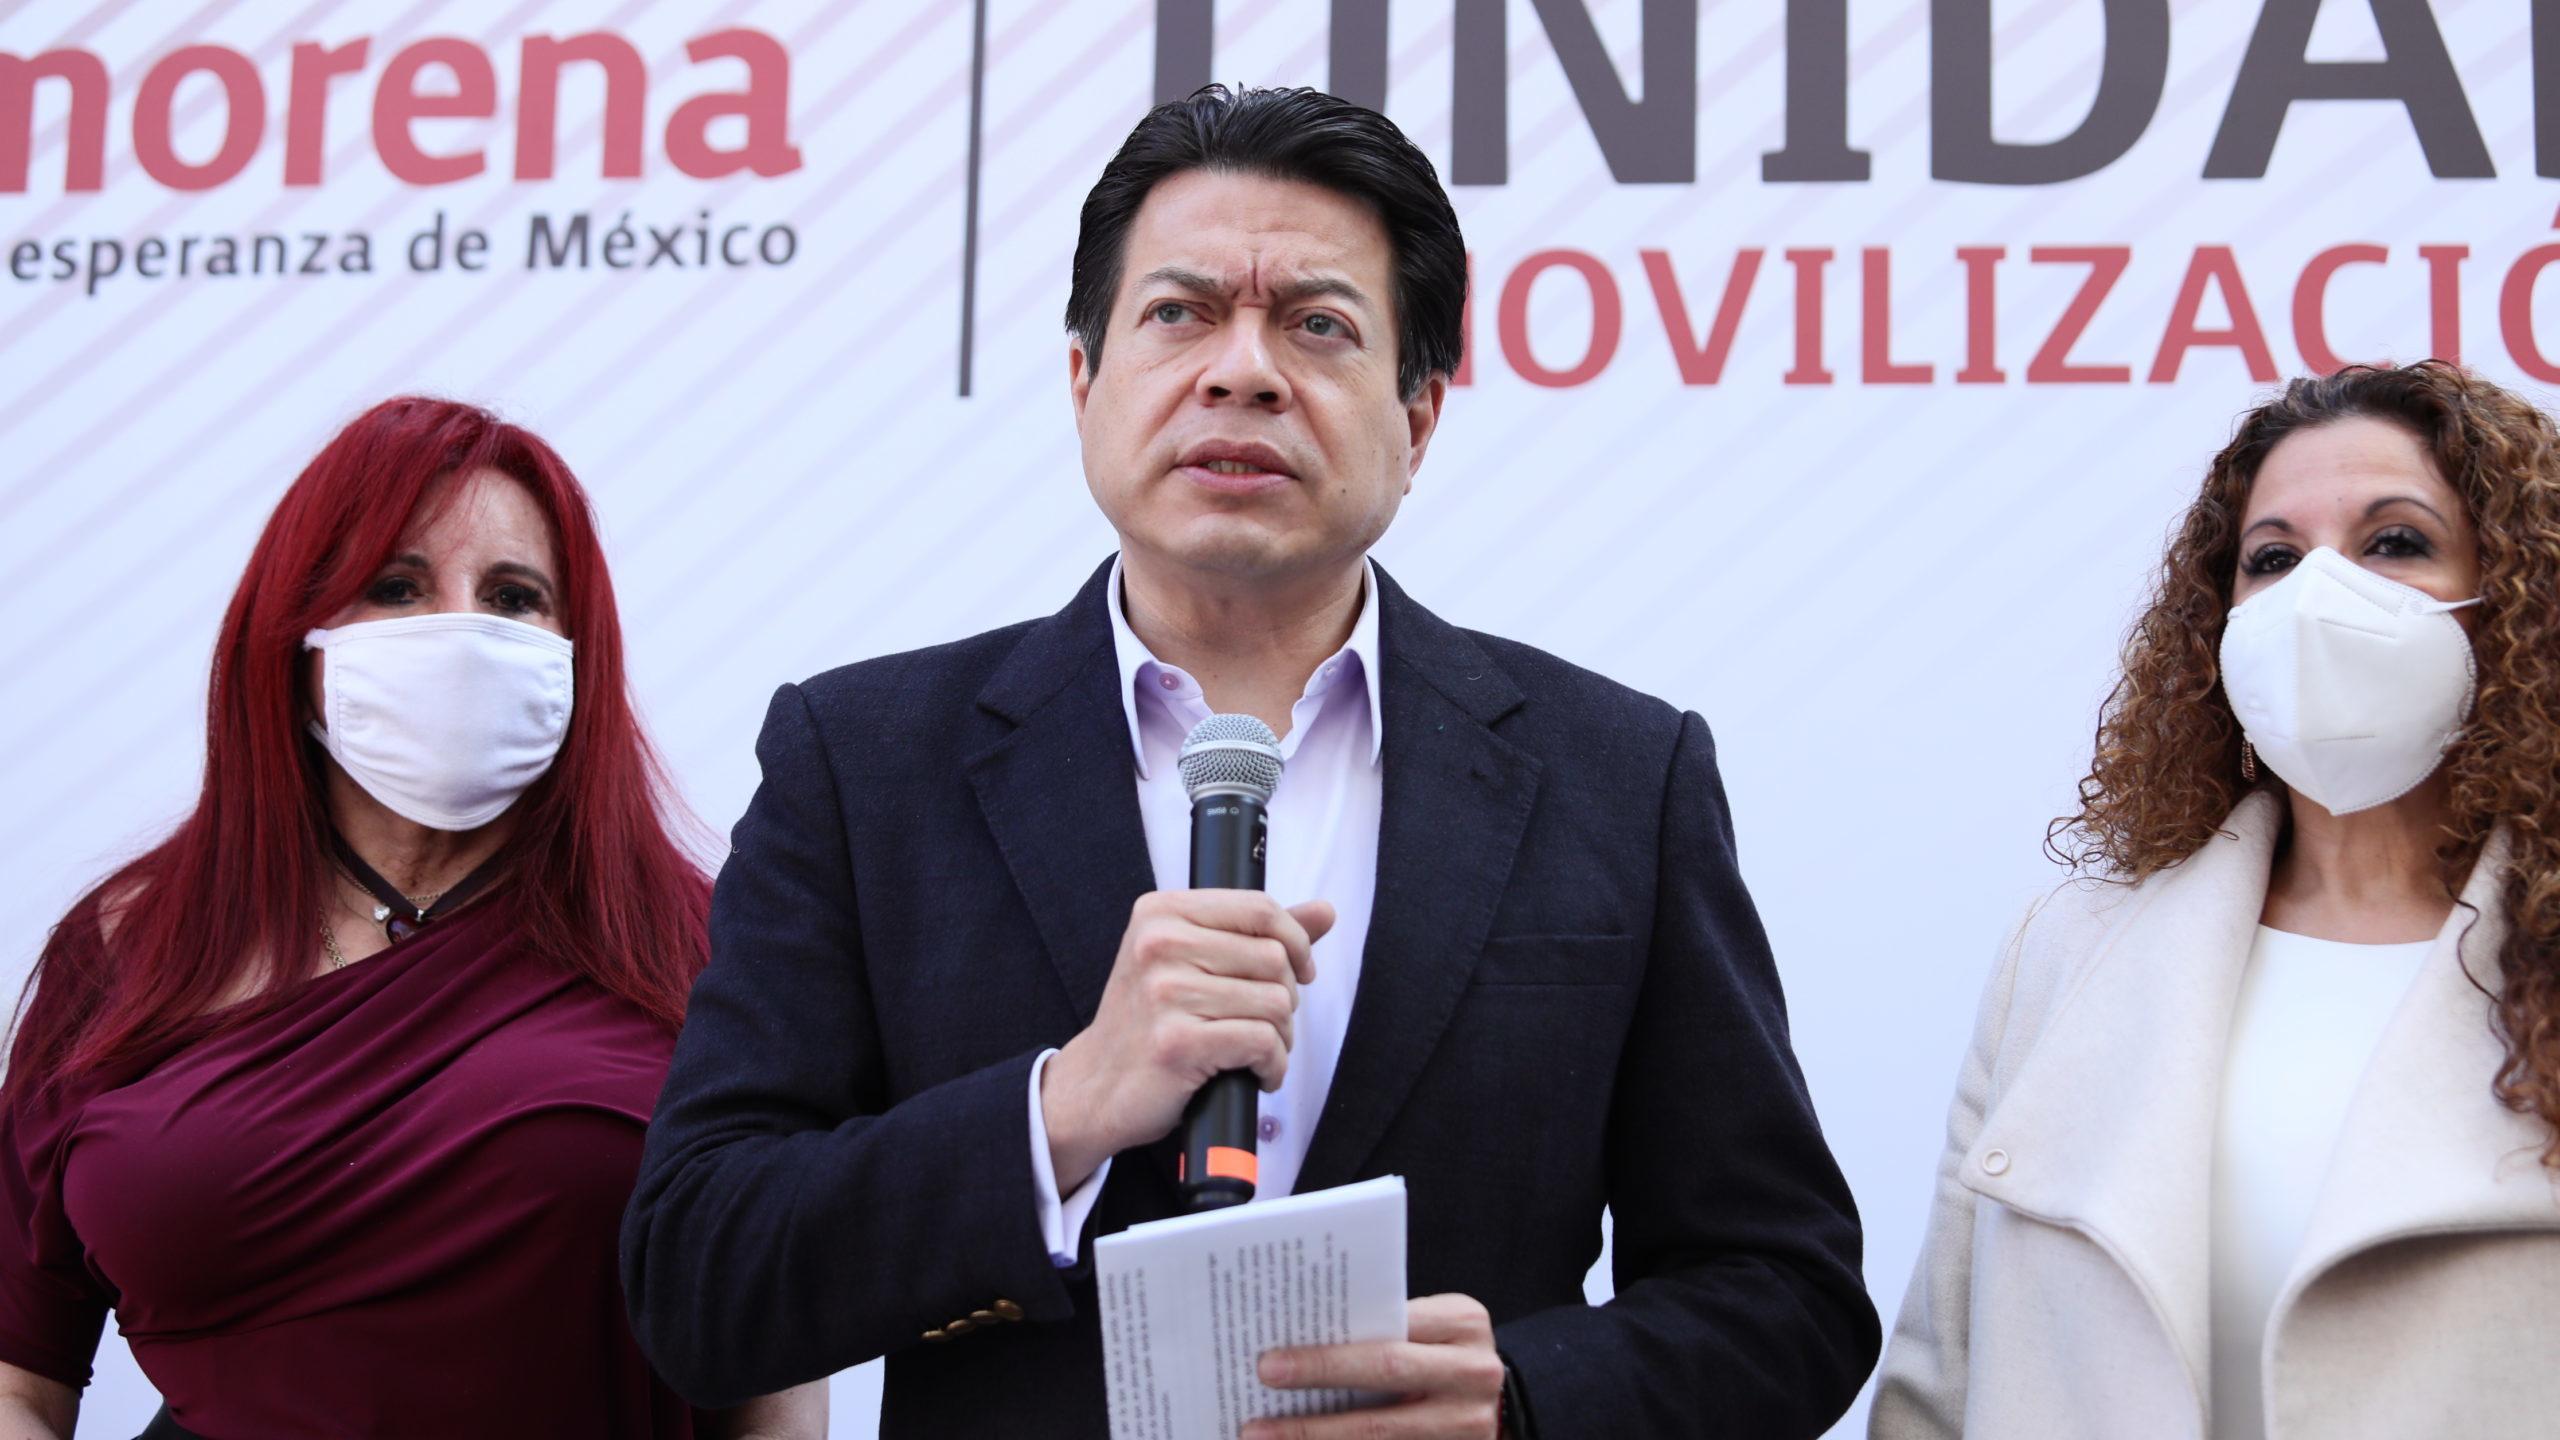 Morena 'desobedecerá' encuestas para alcanzar paridad de género en candidaturas